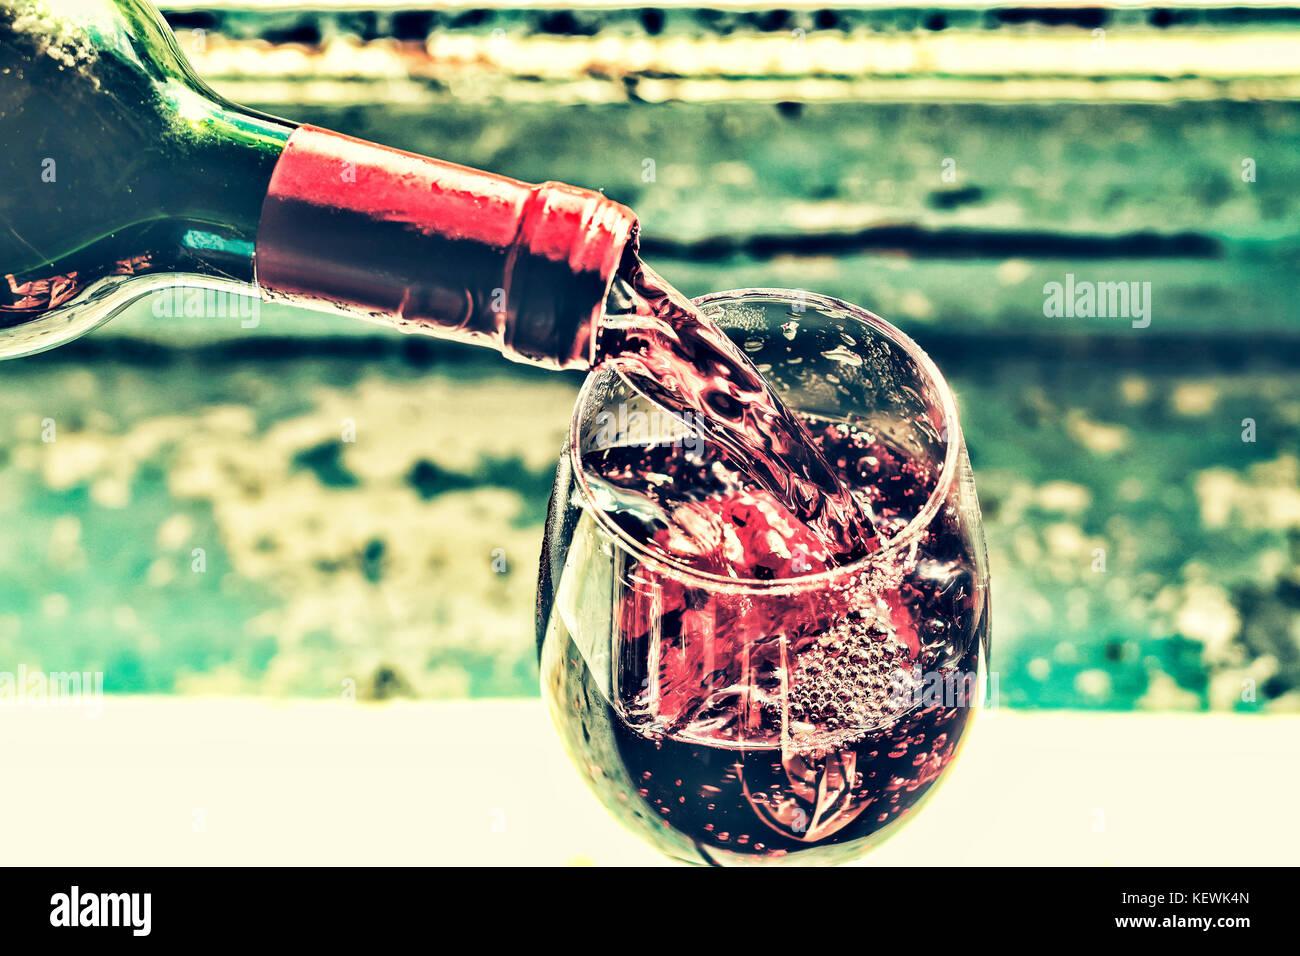 Weihnachten, Neujahr. Gießen rot Wein. Wein in ein Glas. selektive Fokus, Bewegungsunschärfe, Rotwein Stockbild